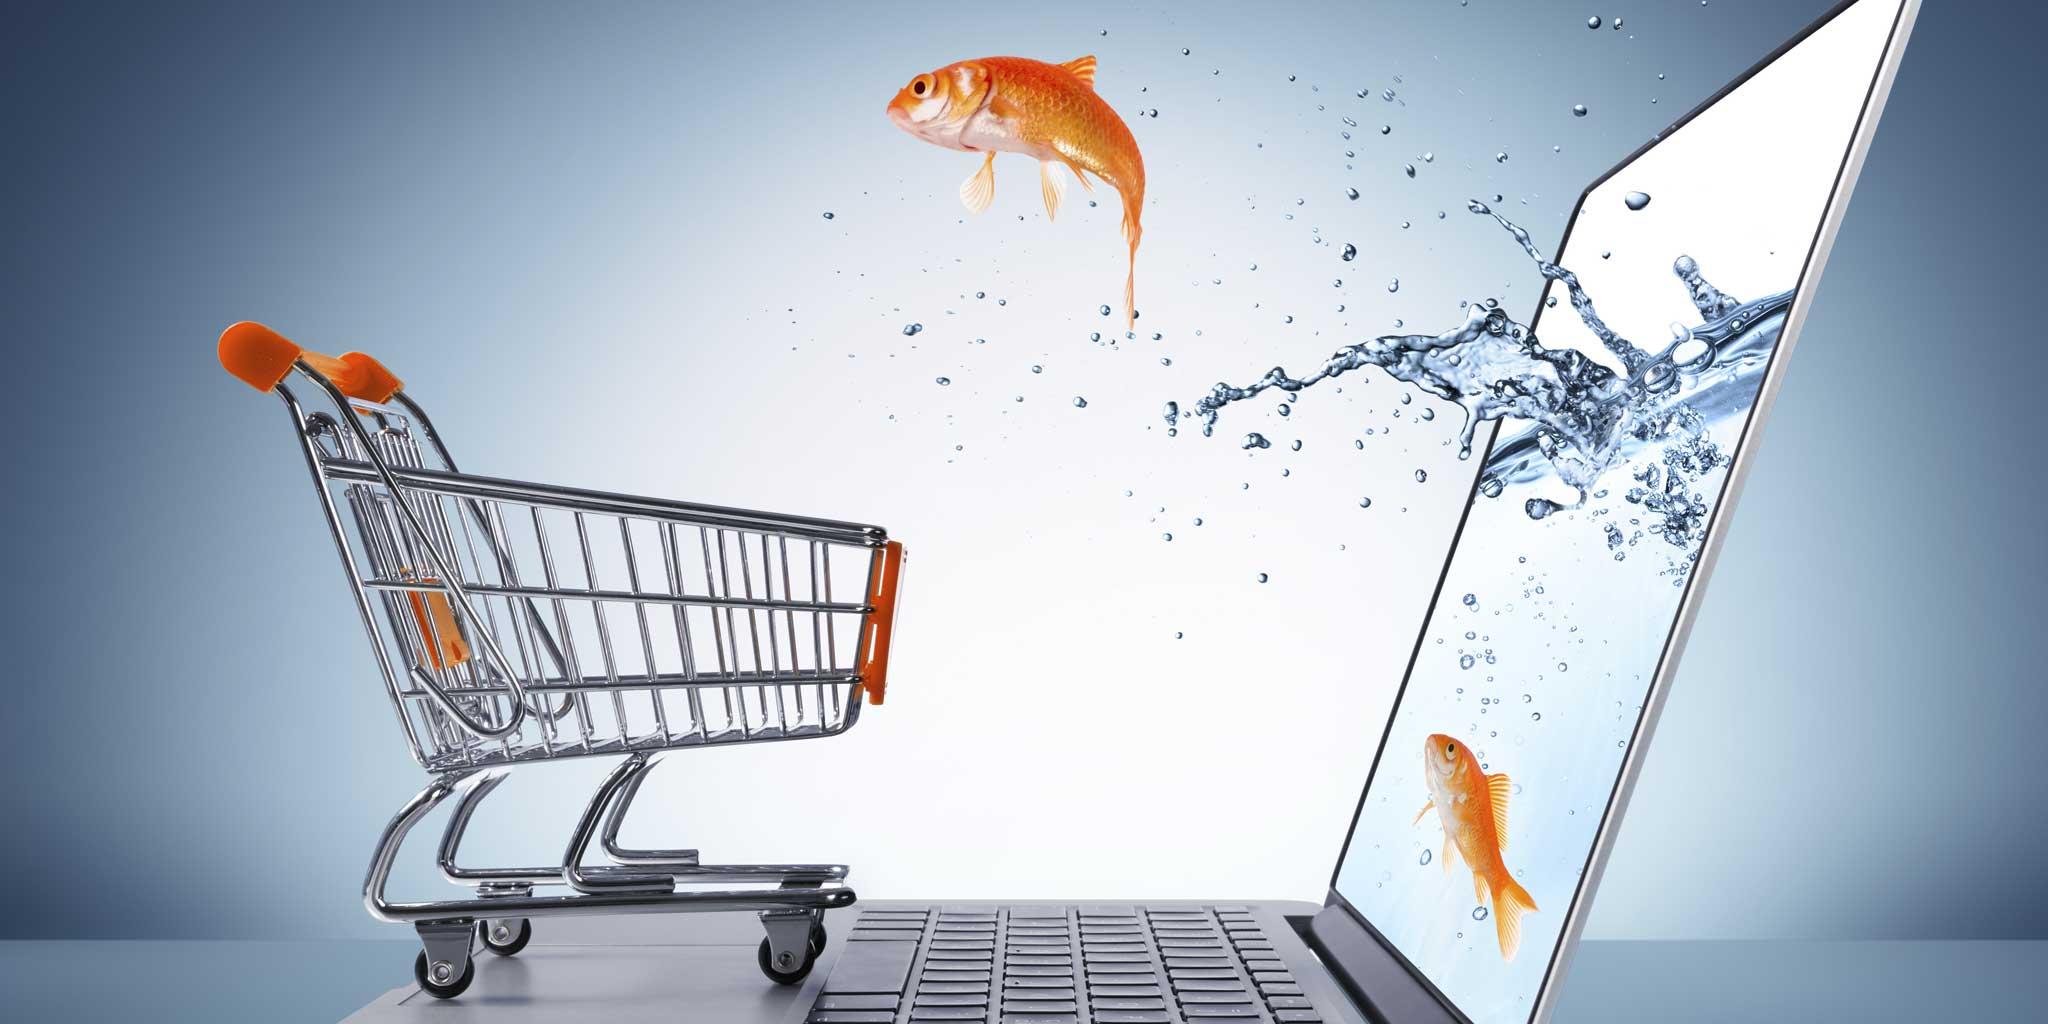 Vis komt uit de scherm en gaat in het winkelkarretje